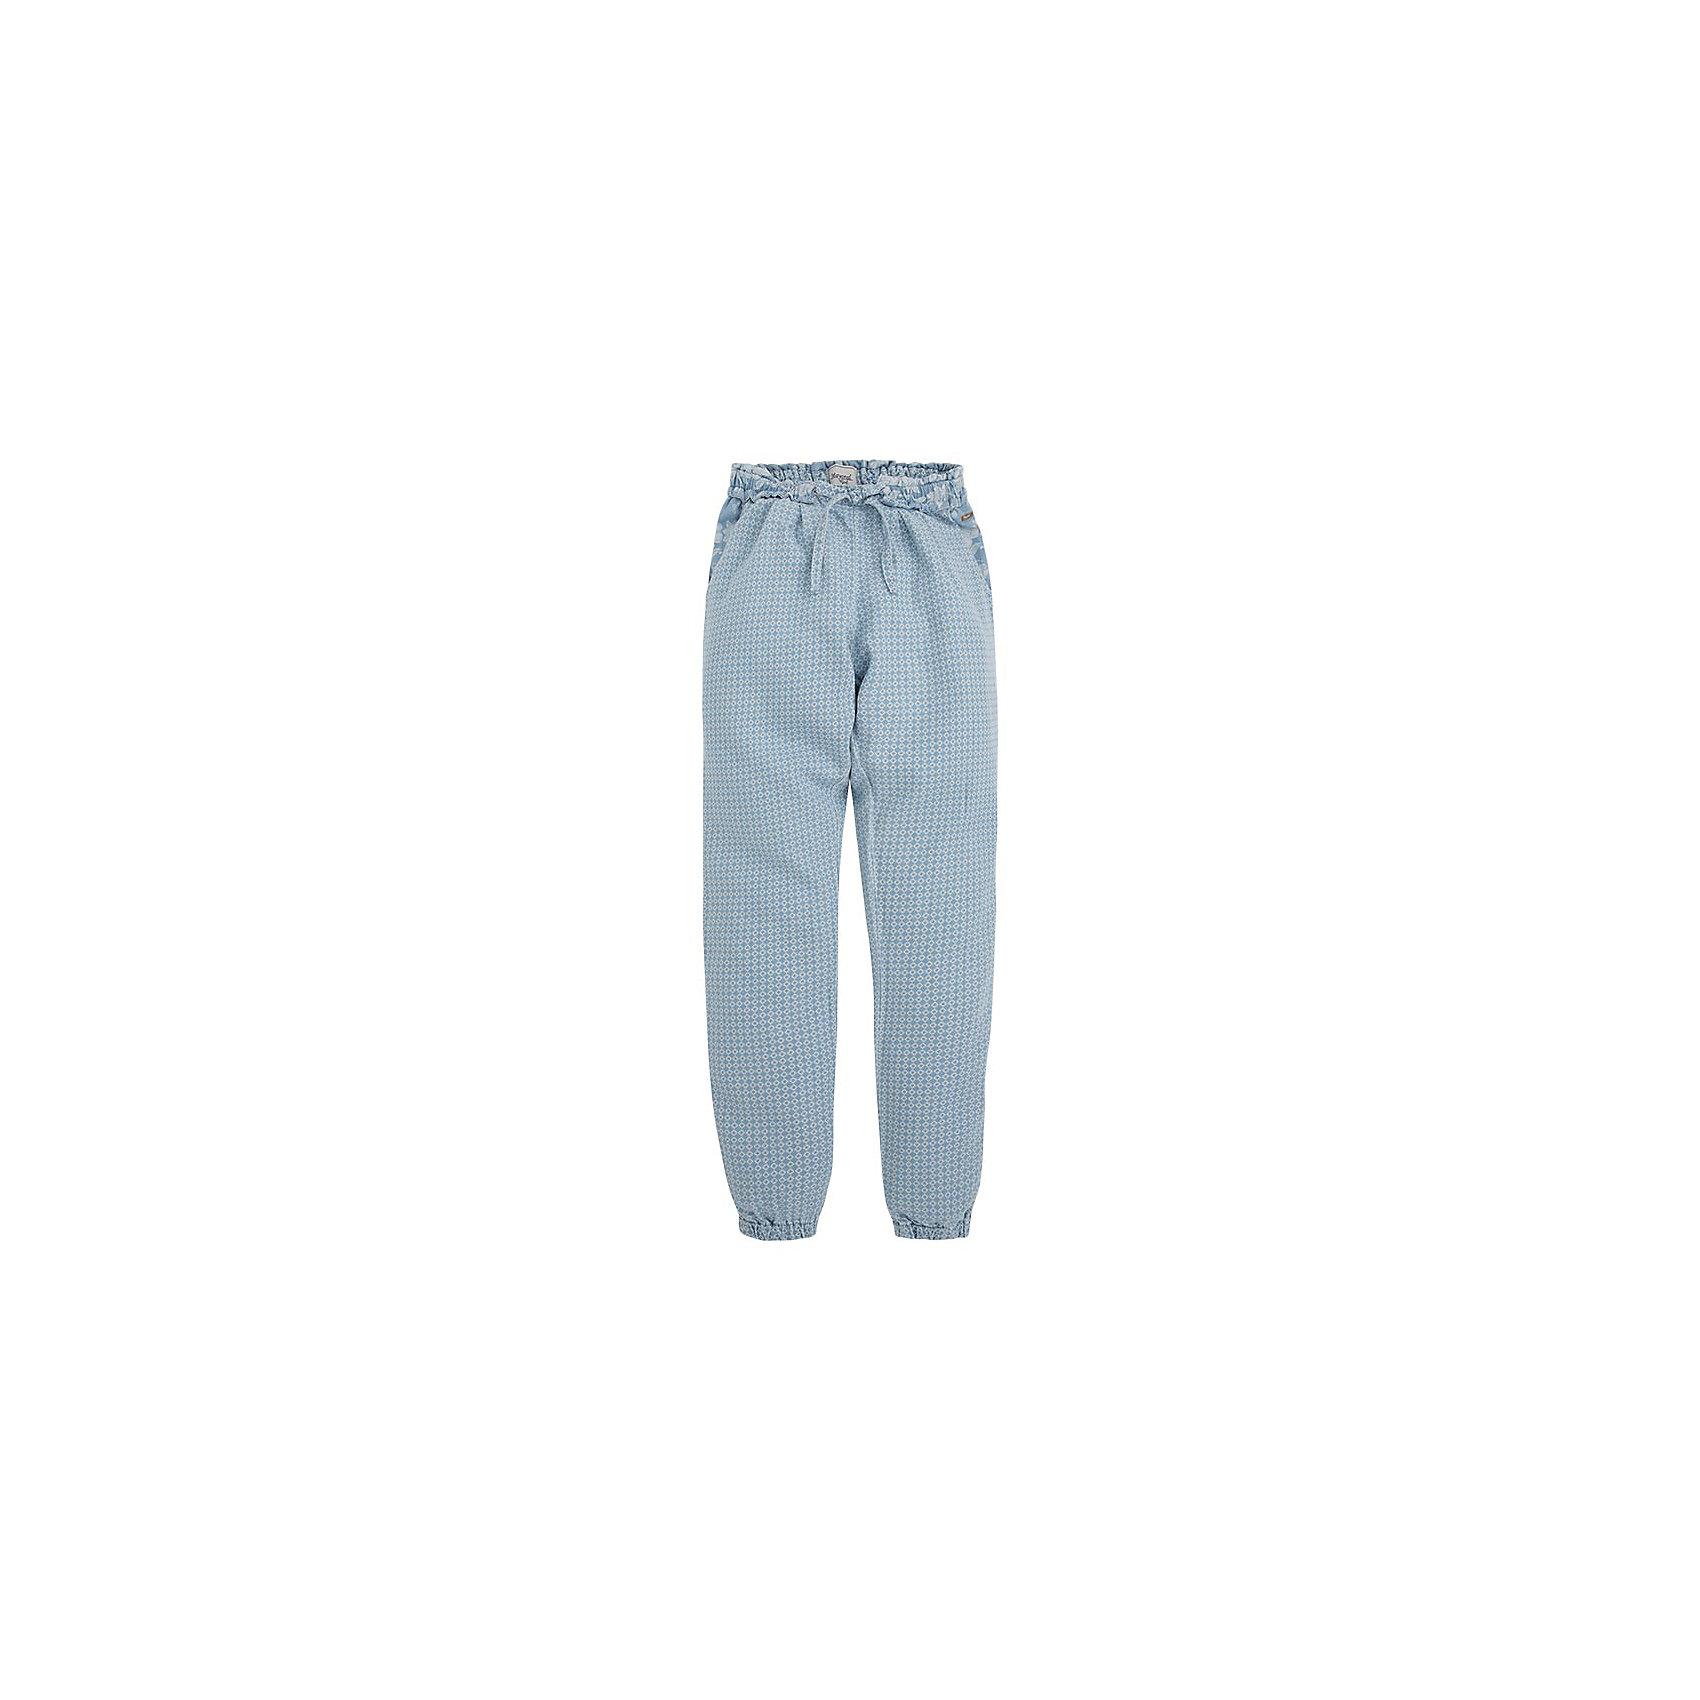 Брюки для девочки MayoralМягкие брюки от популярного испанского бренда Mayoral для девочки. Изделие выполнено из высококачественного материала, легкого и приятного к телу, и обладает следующими особенностями:<br>- нежная расцветка;<br>- широкий эластичный пояс;<br>- 2 боковых кармана;<br>- эластичные манжеты;<br>- свободный крой.<br><br>Дополнительная информация:<br>Состав: 63% хлопок, 37% вискозное волокно<br><br>Брюки для девочки Mayoral (Майорал) можно купить в нашем магазине<br><br>Ширина мм: 215<br>Глубина мм: 88<br>Высота мм: 191<br>Вес г: 336<br>Цвет: голубой<br>Возраст от месяцев: 144<br>Возраст до месяцев: 156<br>Пол: Женский<br>Возраст: Детский<br>Размер: 158,164,128,140,152<br>SKU: 3993736